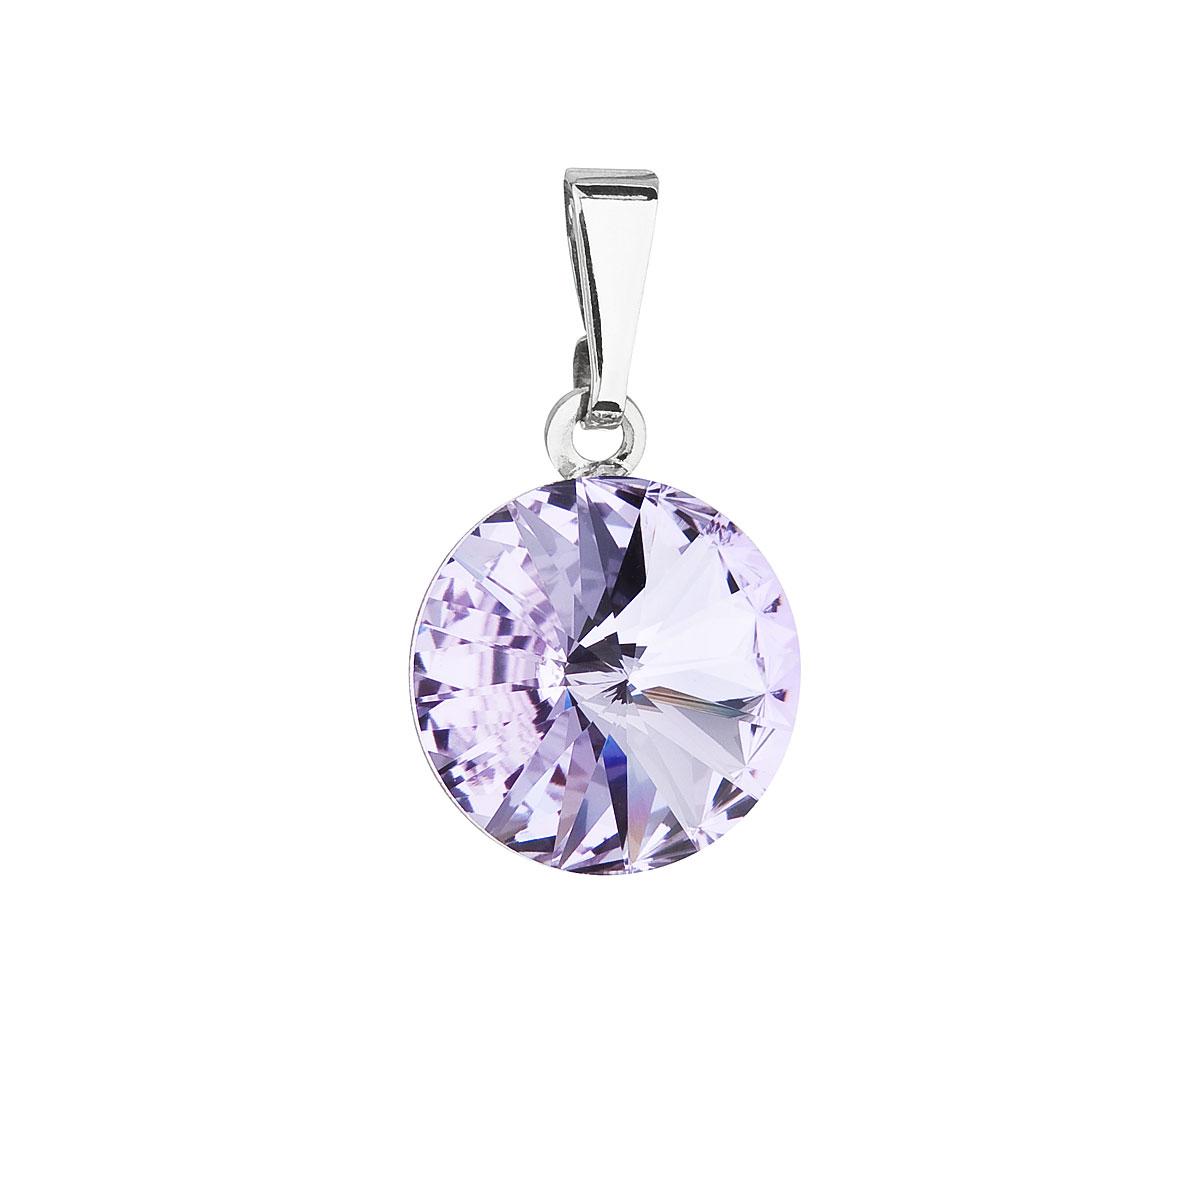 Evolution Group Přívěsek se Swarovski krystaly fialový kulatý 54001.3 violet